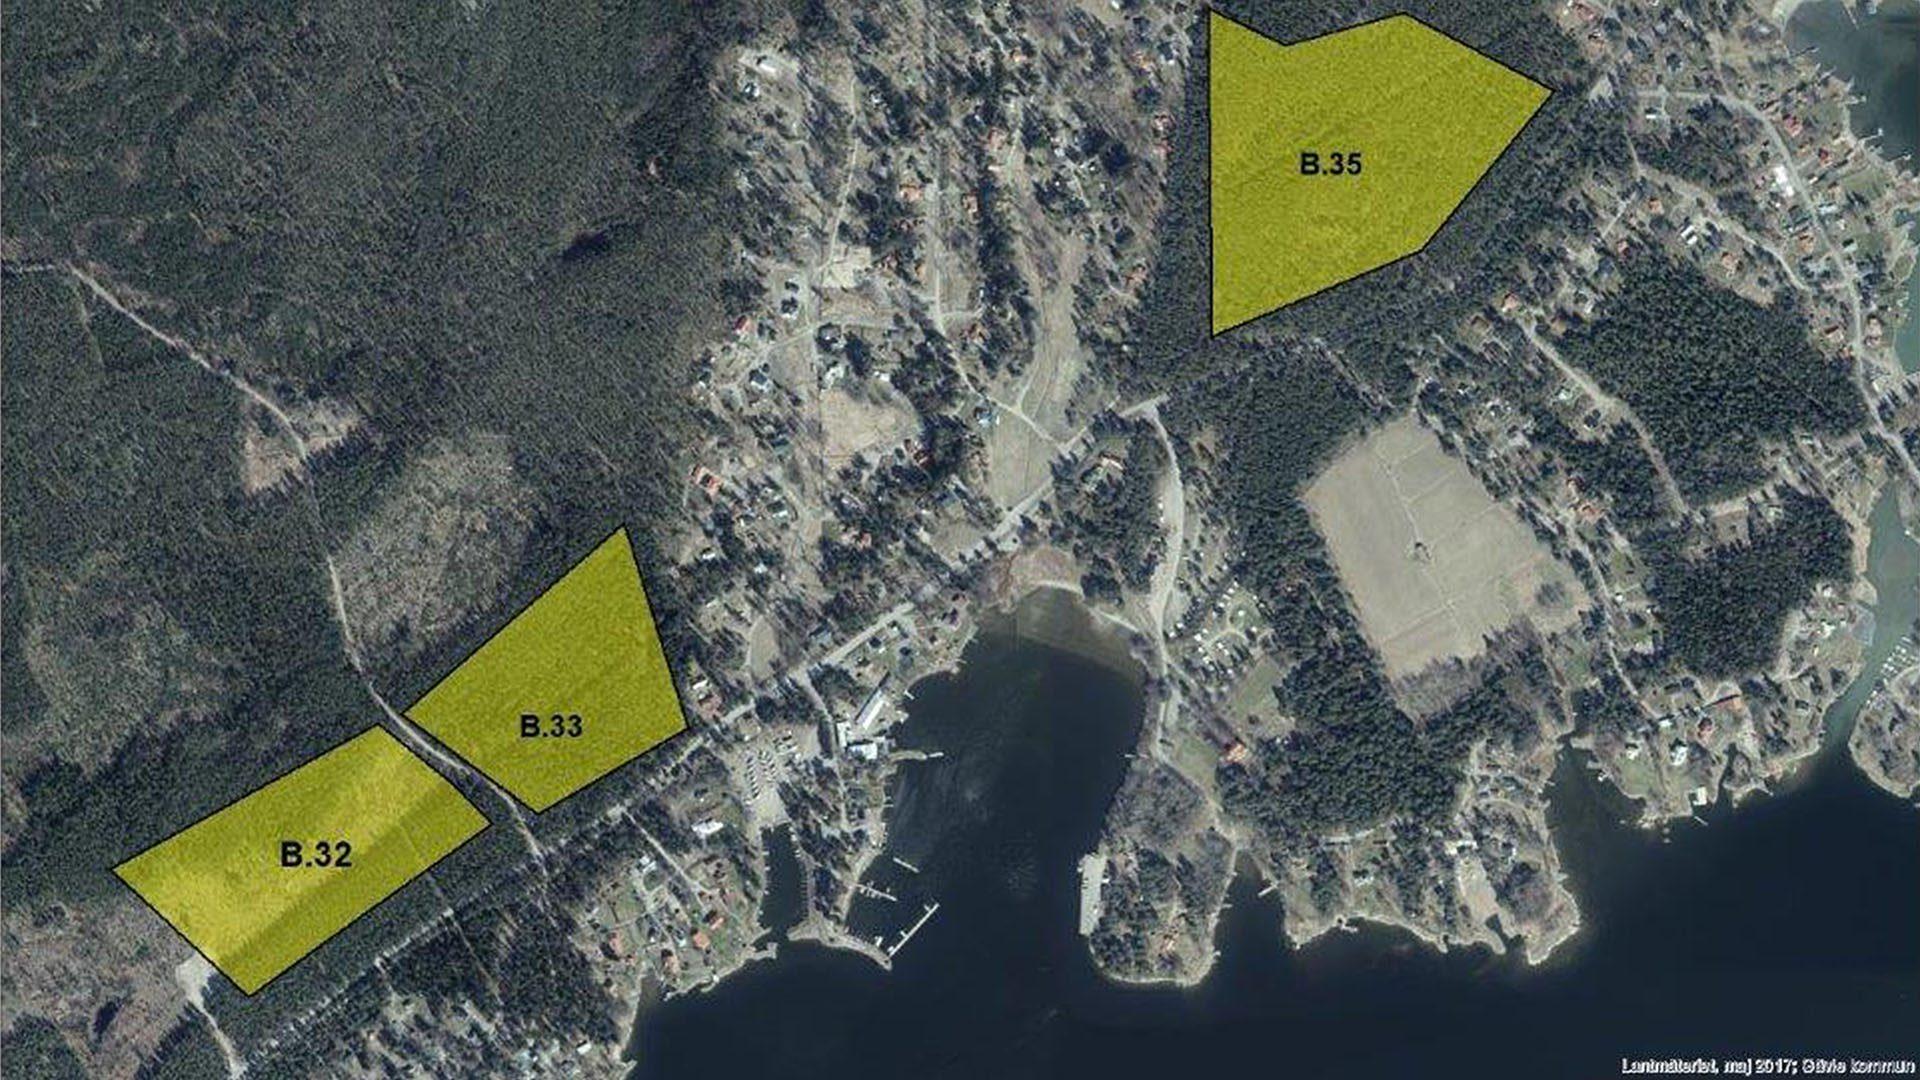 Karta över markanvisning på Norrlandet